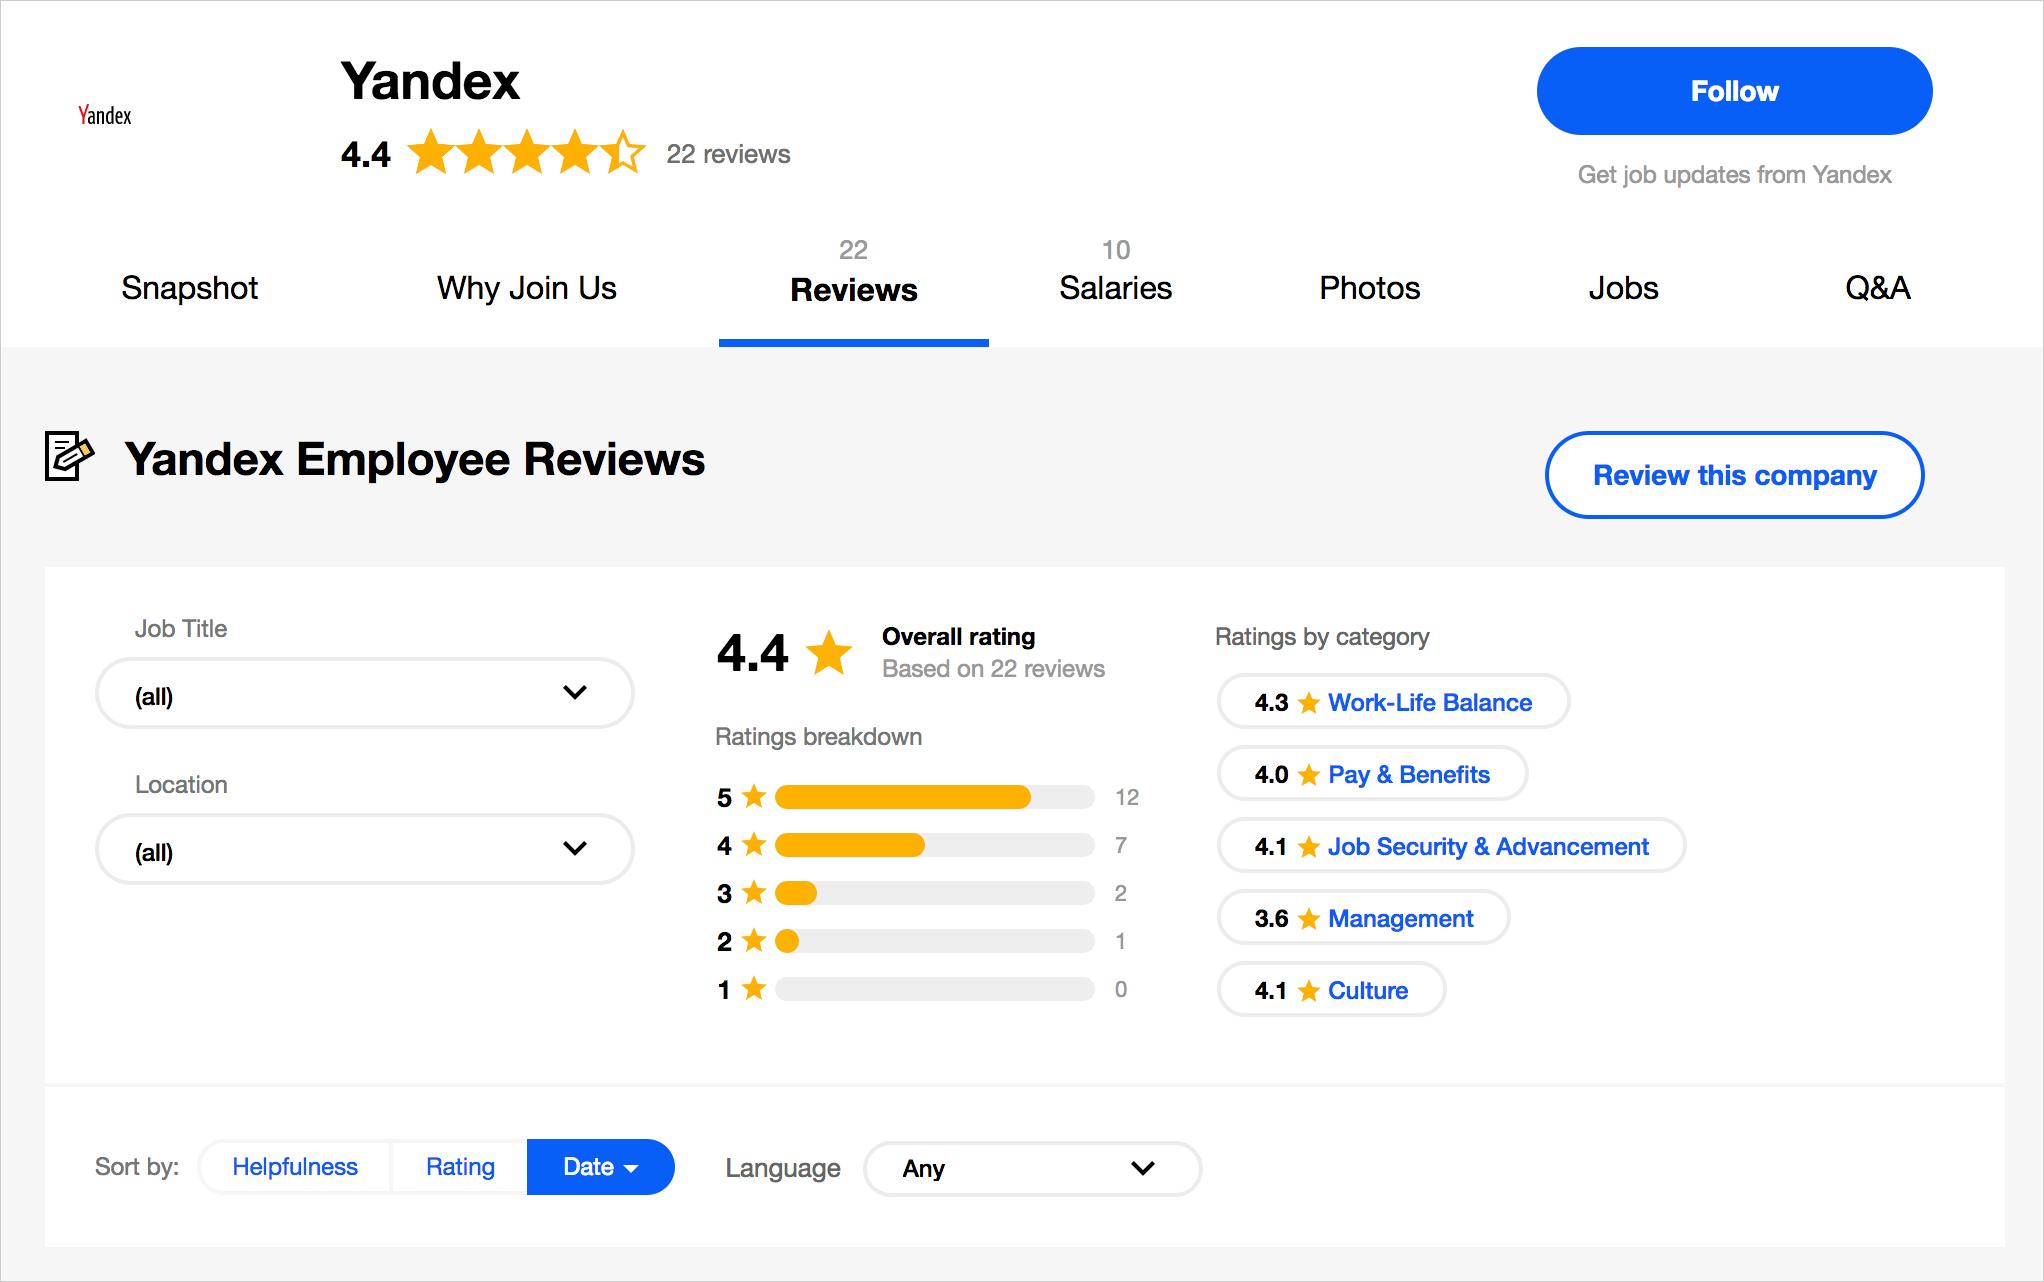 Где и как разработчики оценивают своих работодателей? Сервисы оценки компаний в ИТ-индустрии - 5